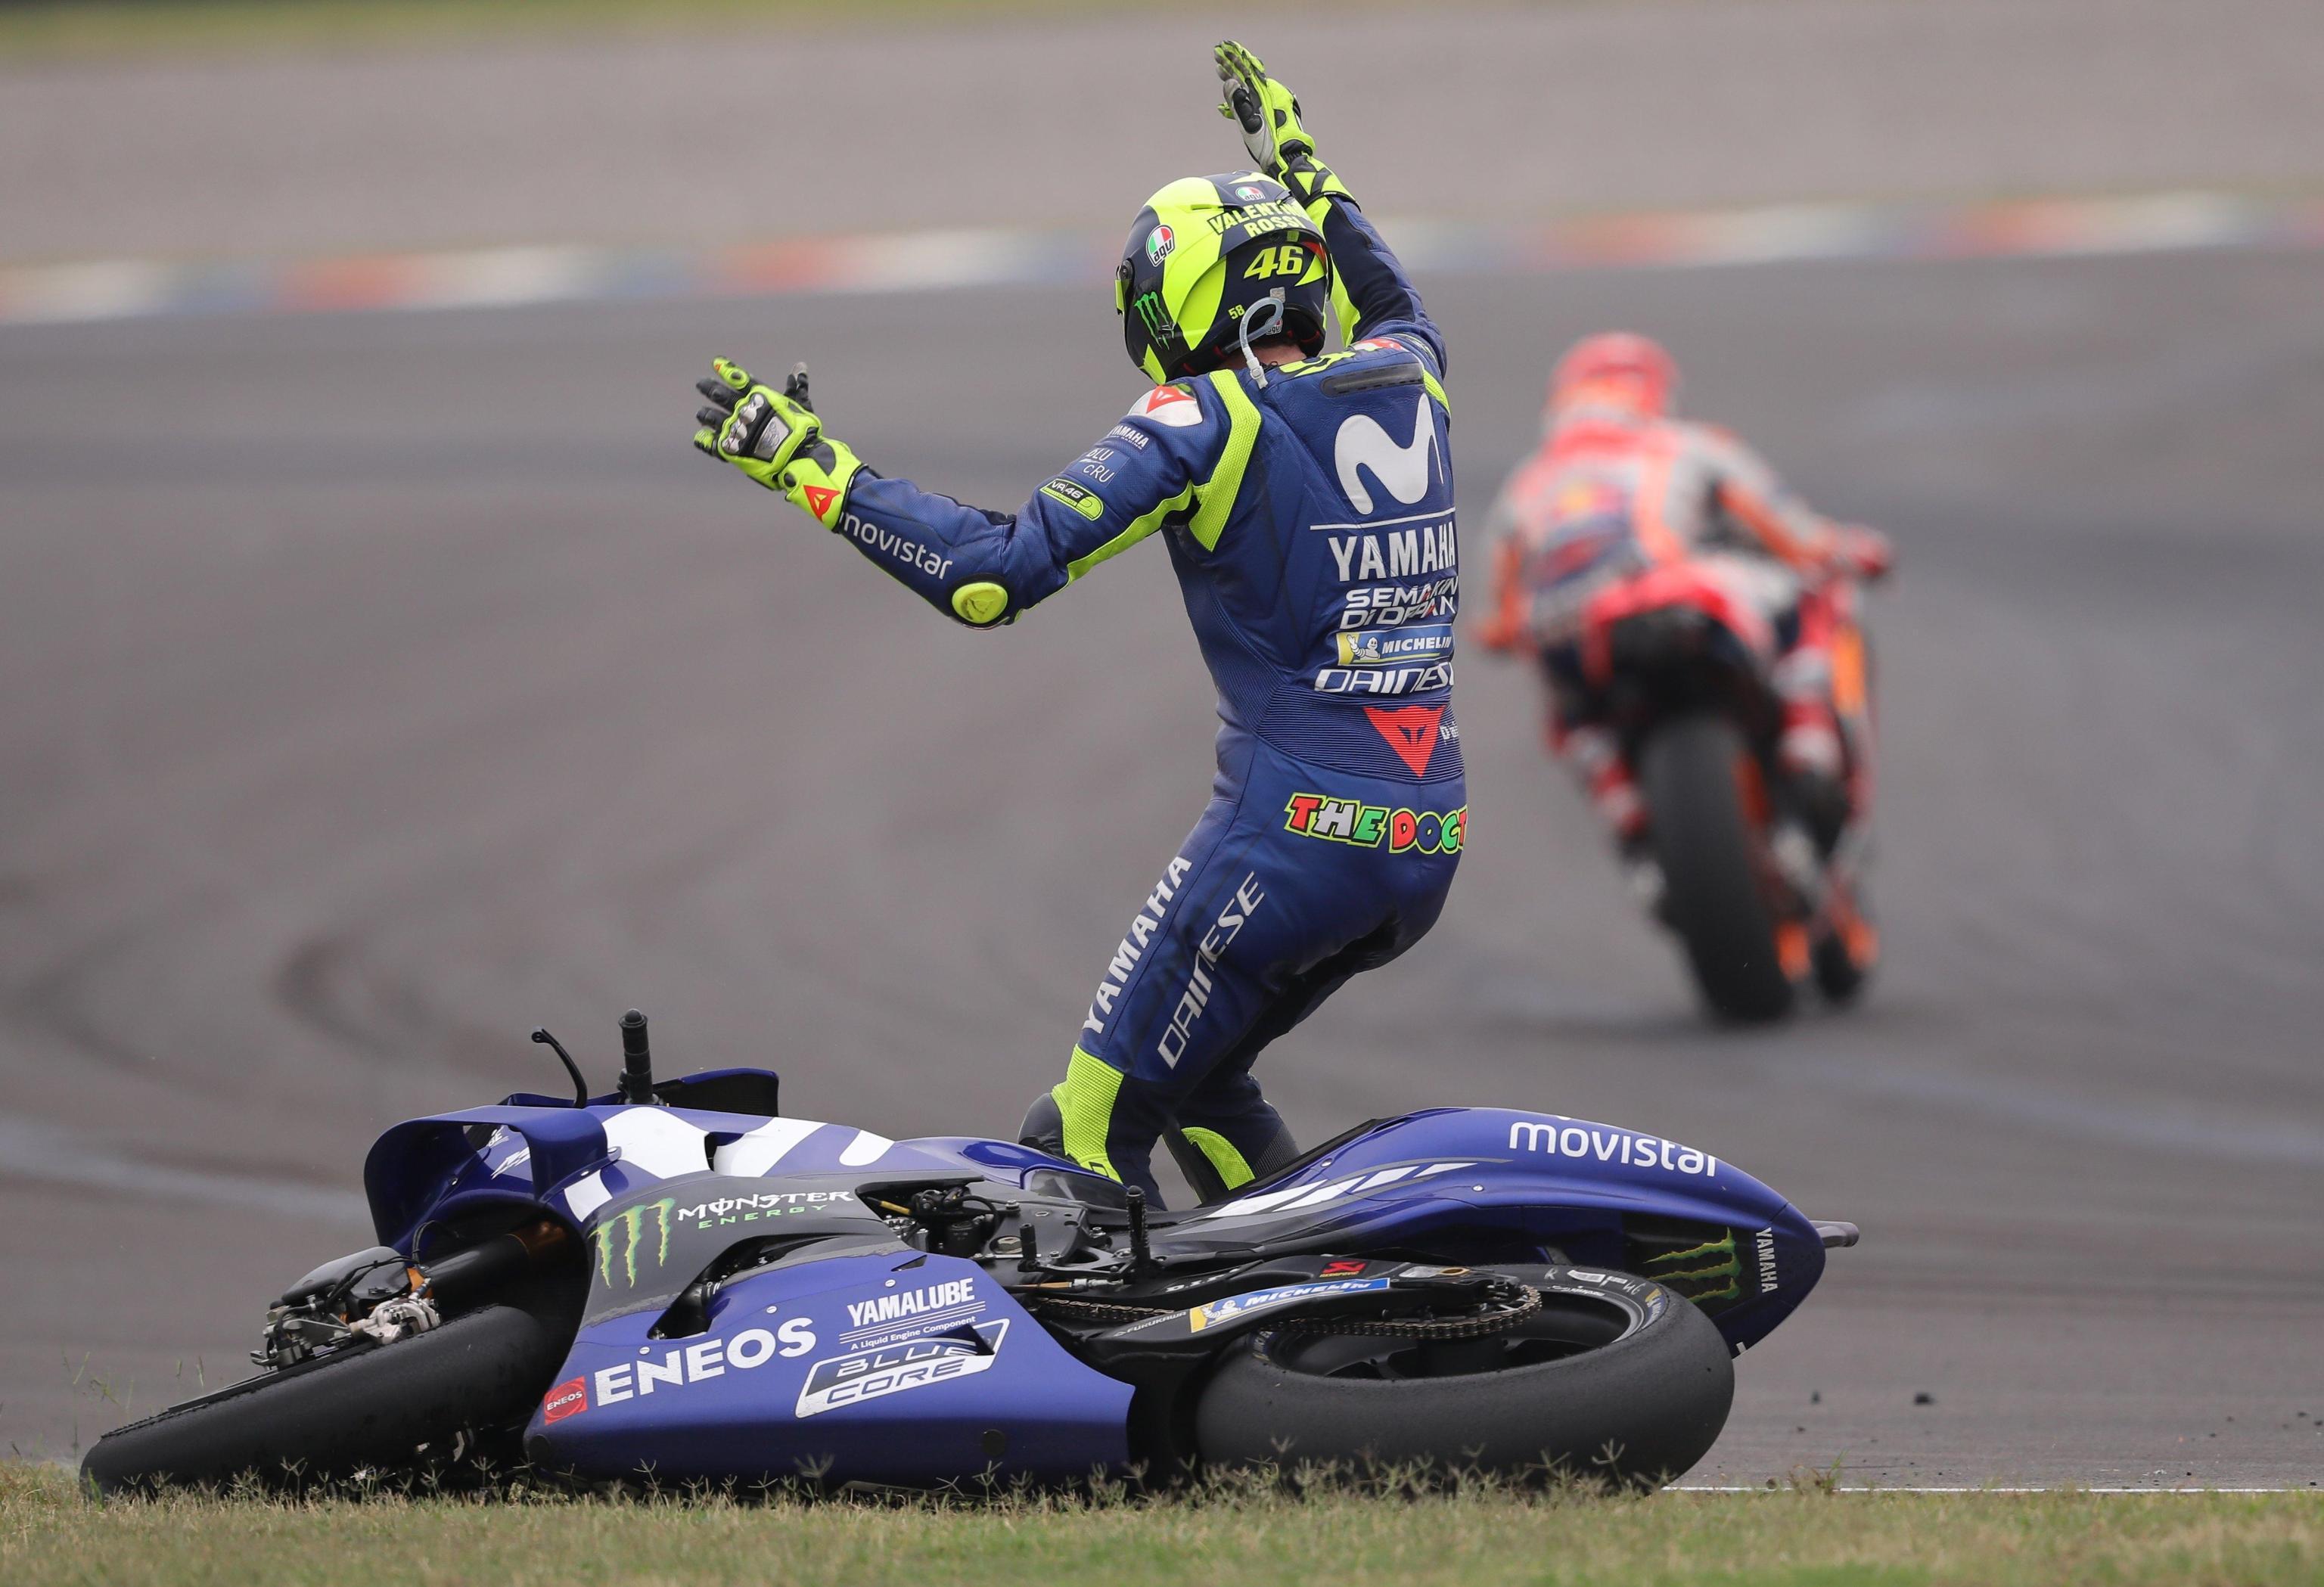 Marc Marquez fa cadere Valentino Rossi al Gp di Argentina, il Dottore: 'Ho paura a correre con lui, è pericoloso'